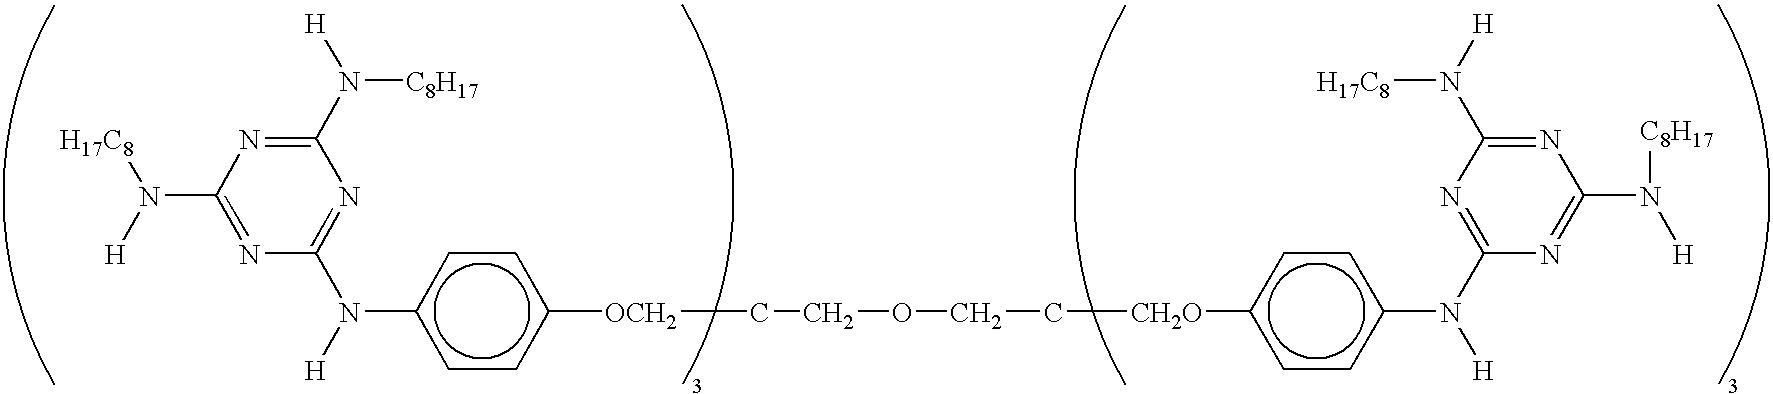 Figure US07087752-20060808-C00148